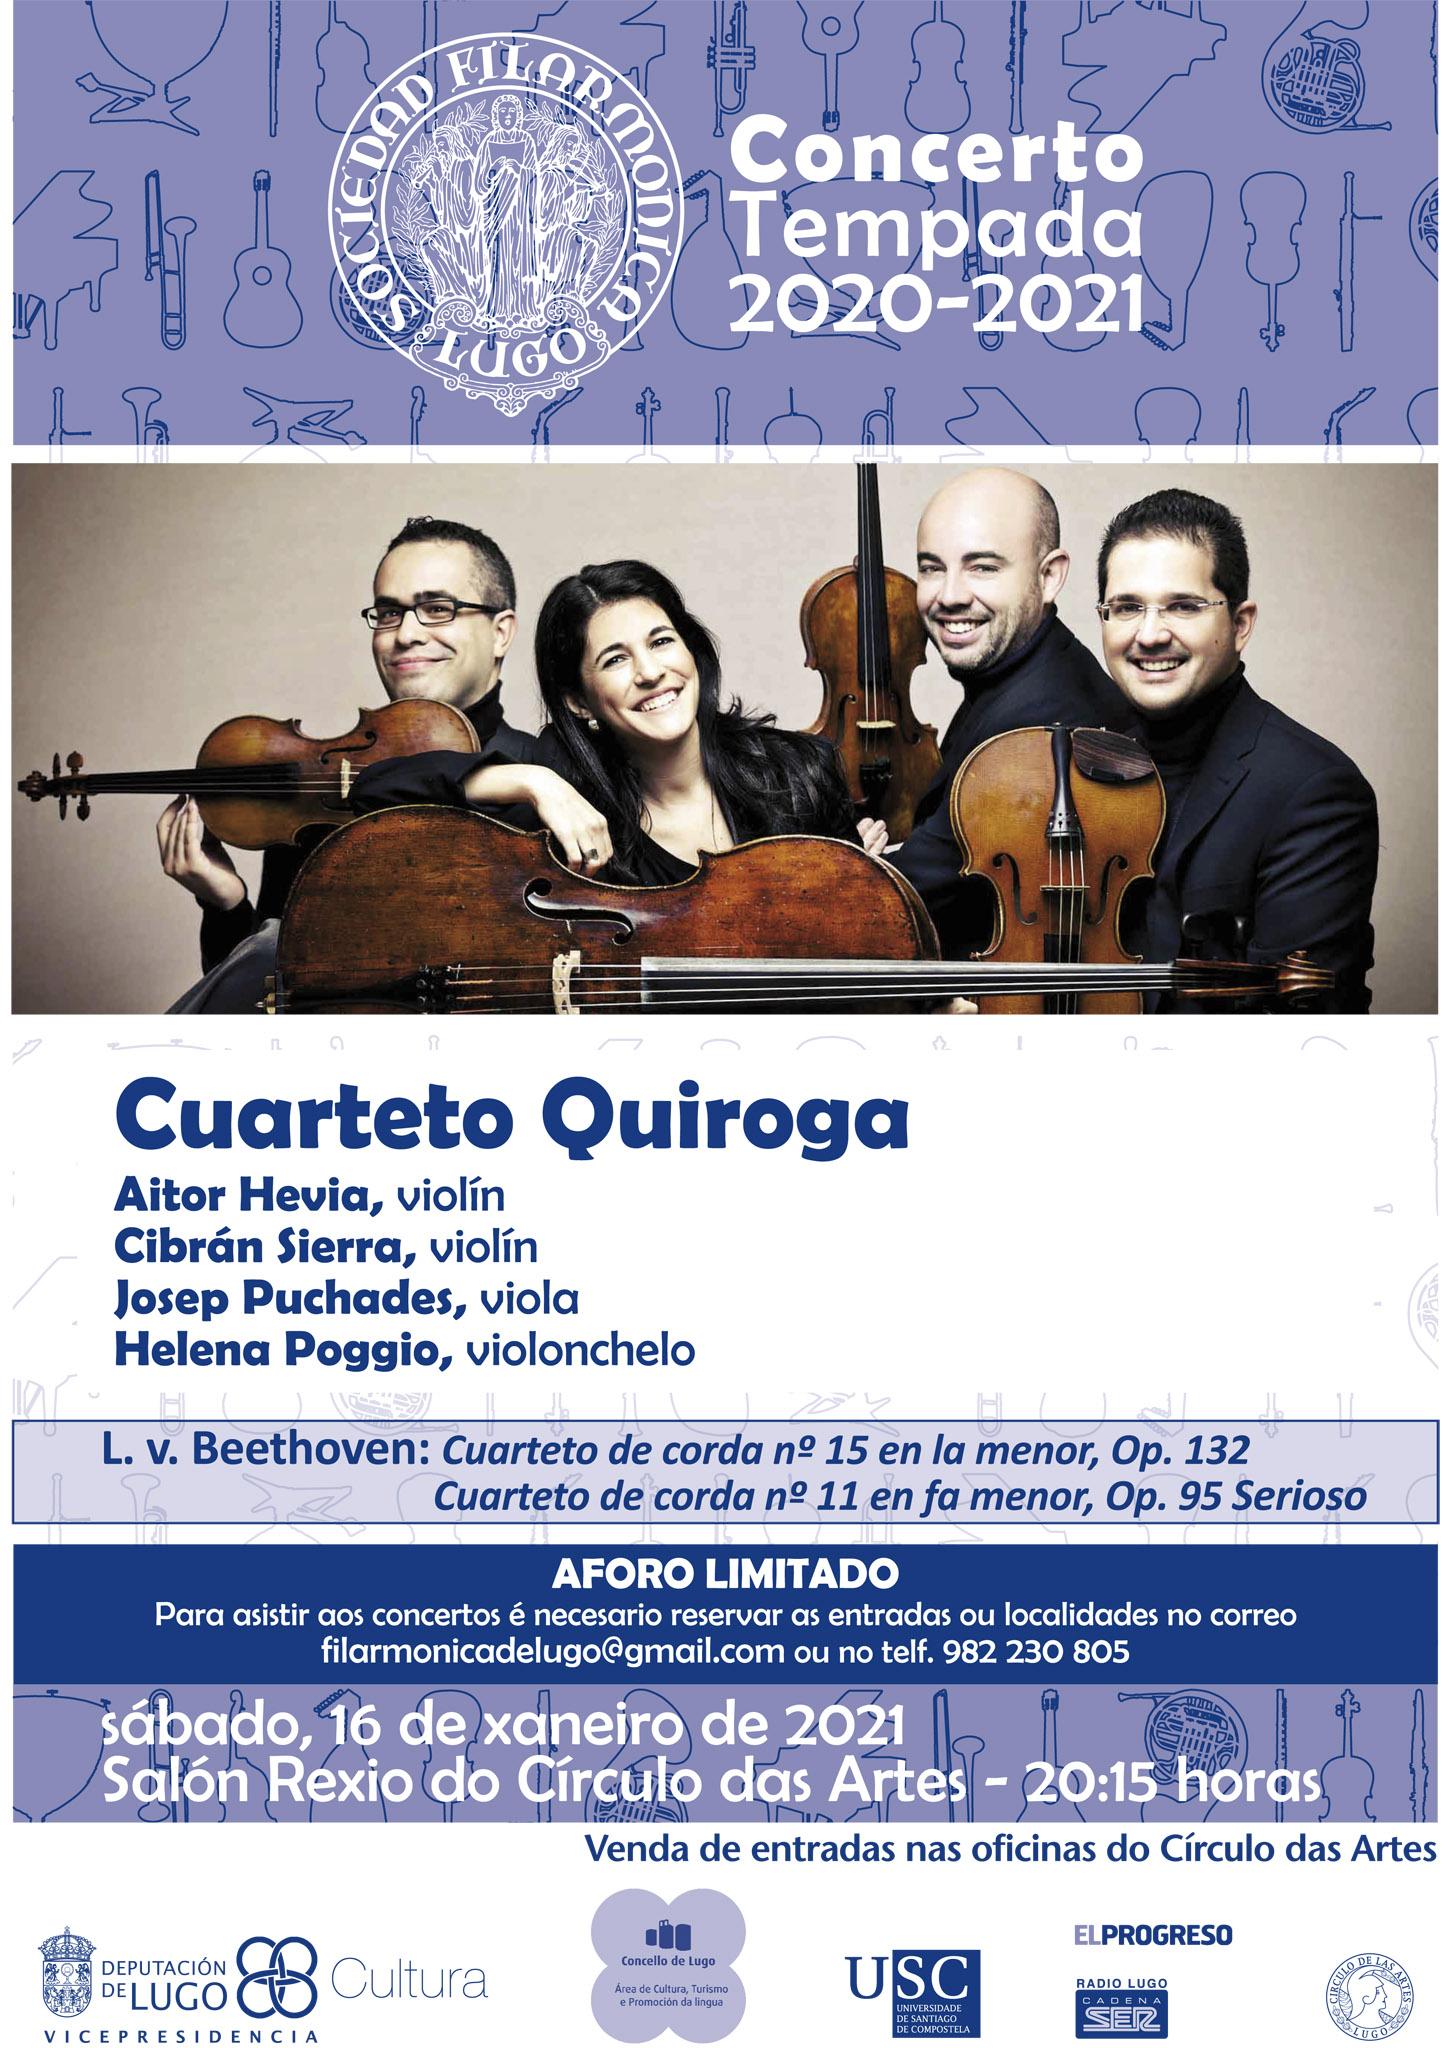 Concerto do Cuarteto Quiroga - Premio Nacional de Música - en Lugo